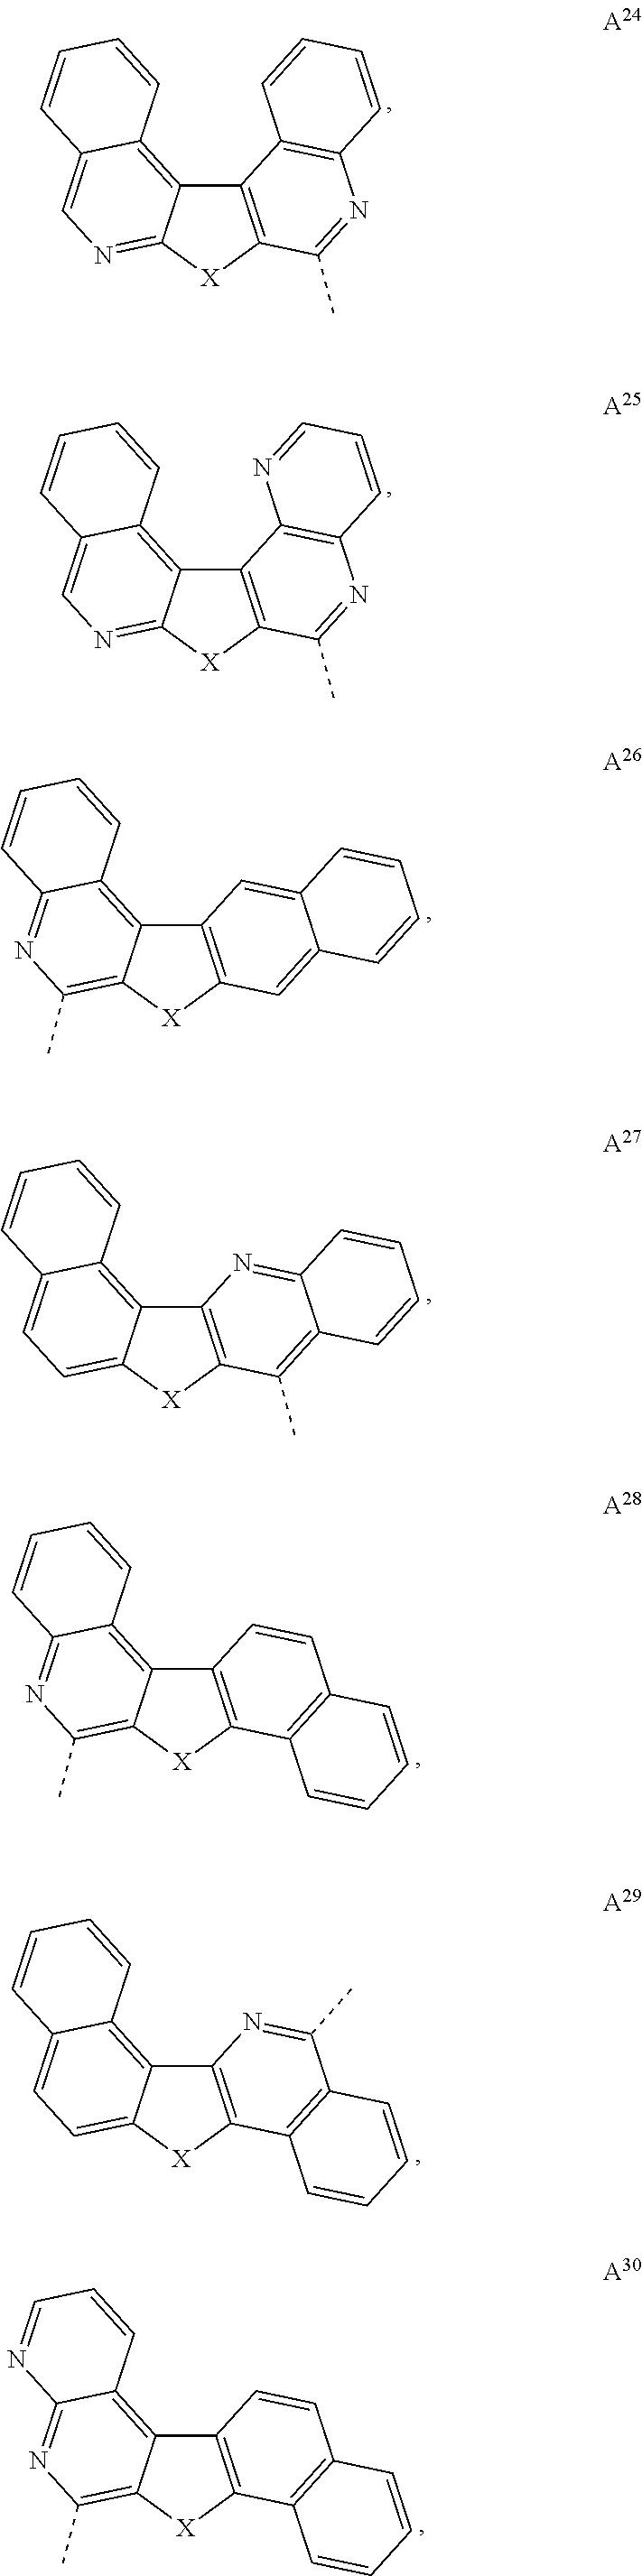 Figure US20170033295A1-20170202-C00016